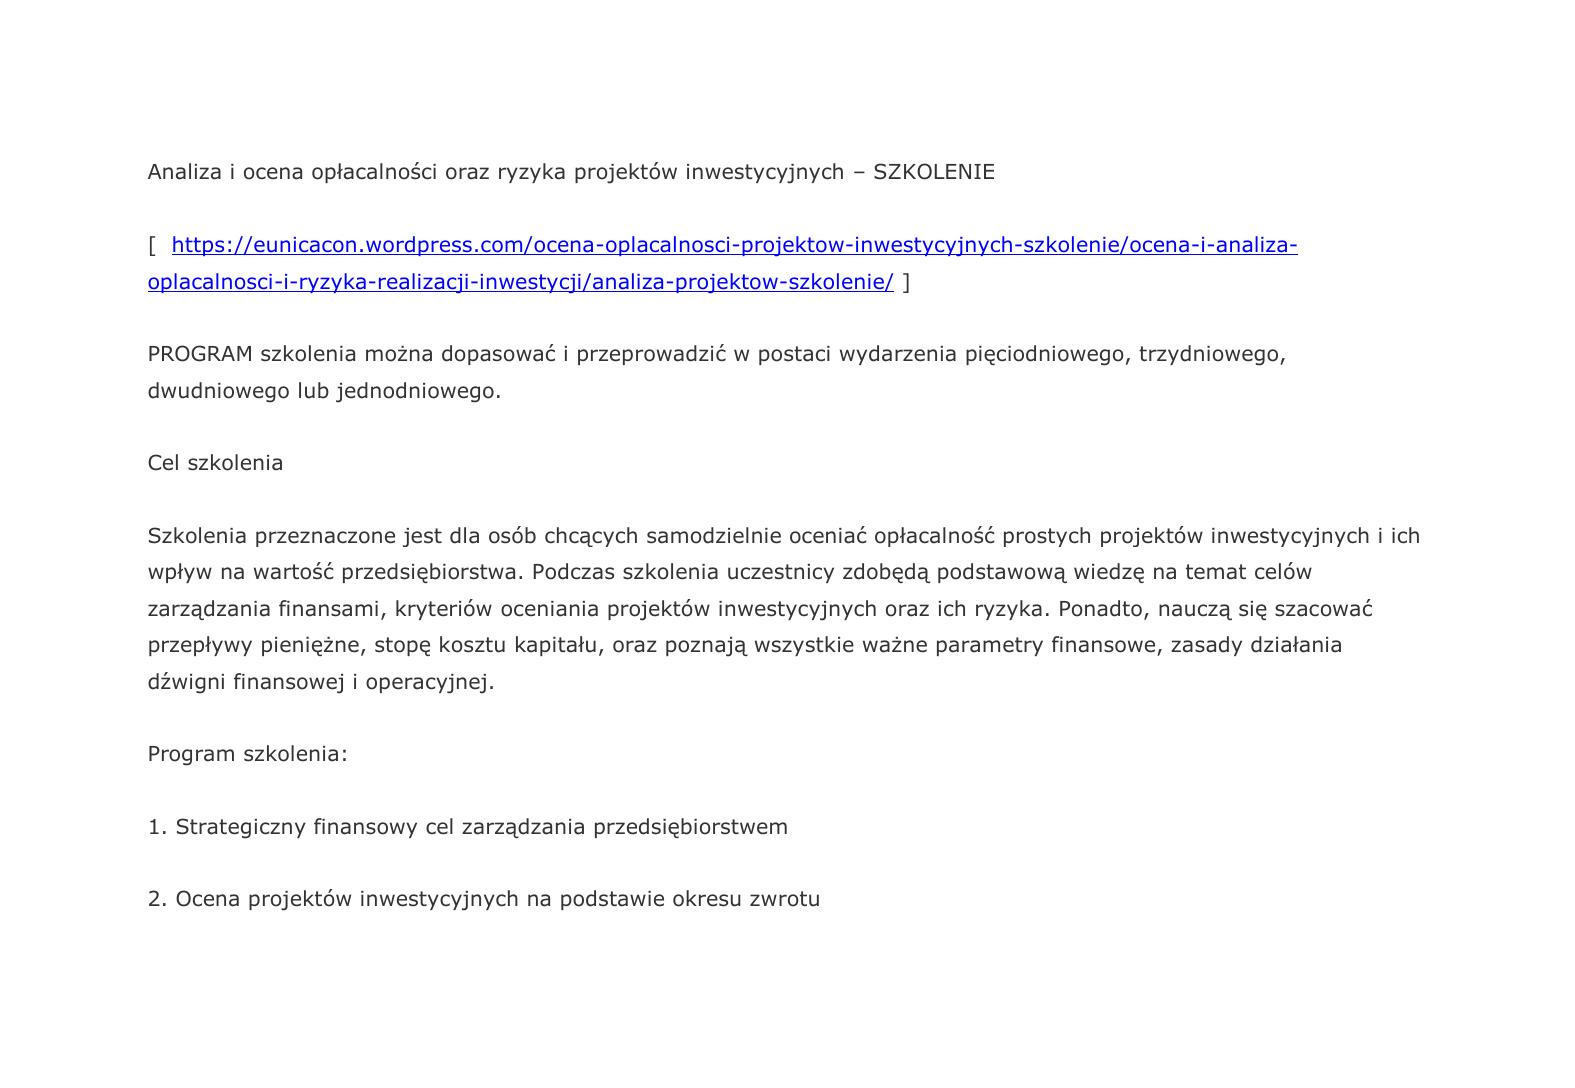 c2e9ae167c8b7d Analiza-i-ocena-oplacalnosci-oraz-ryzyka-projektow